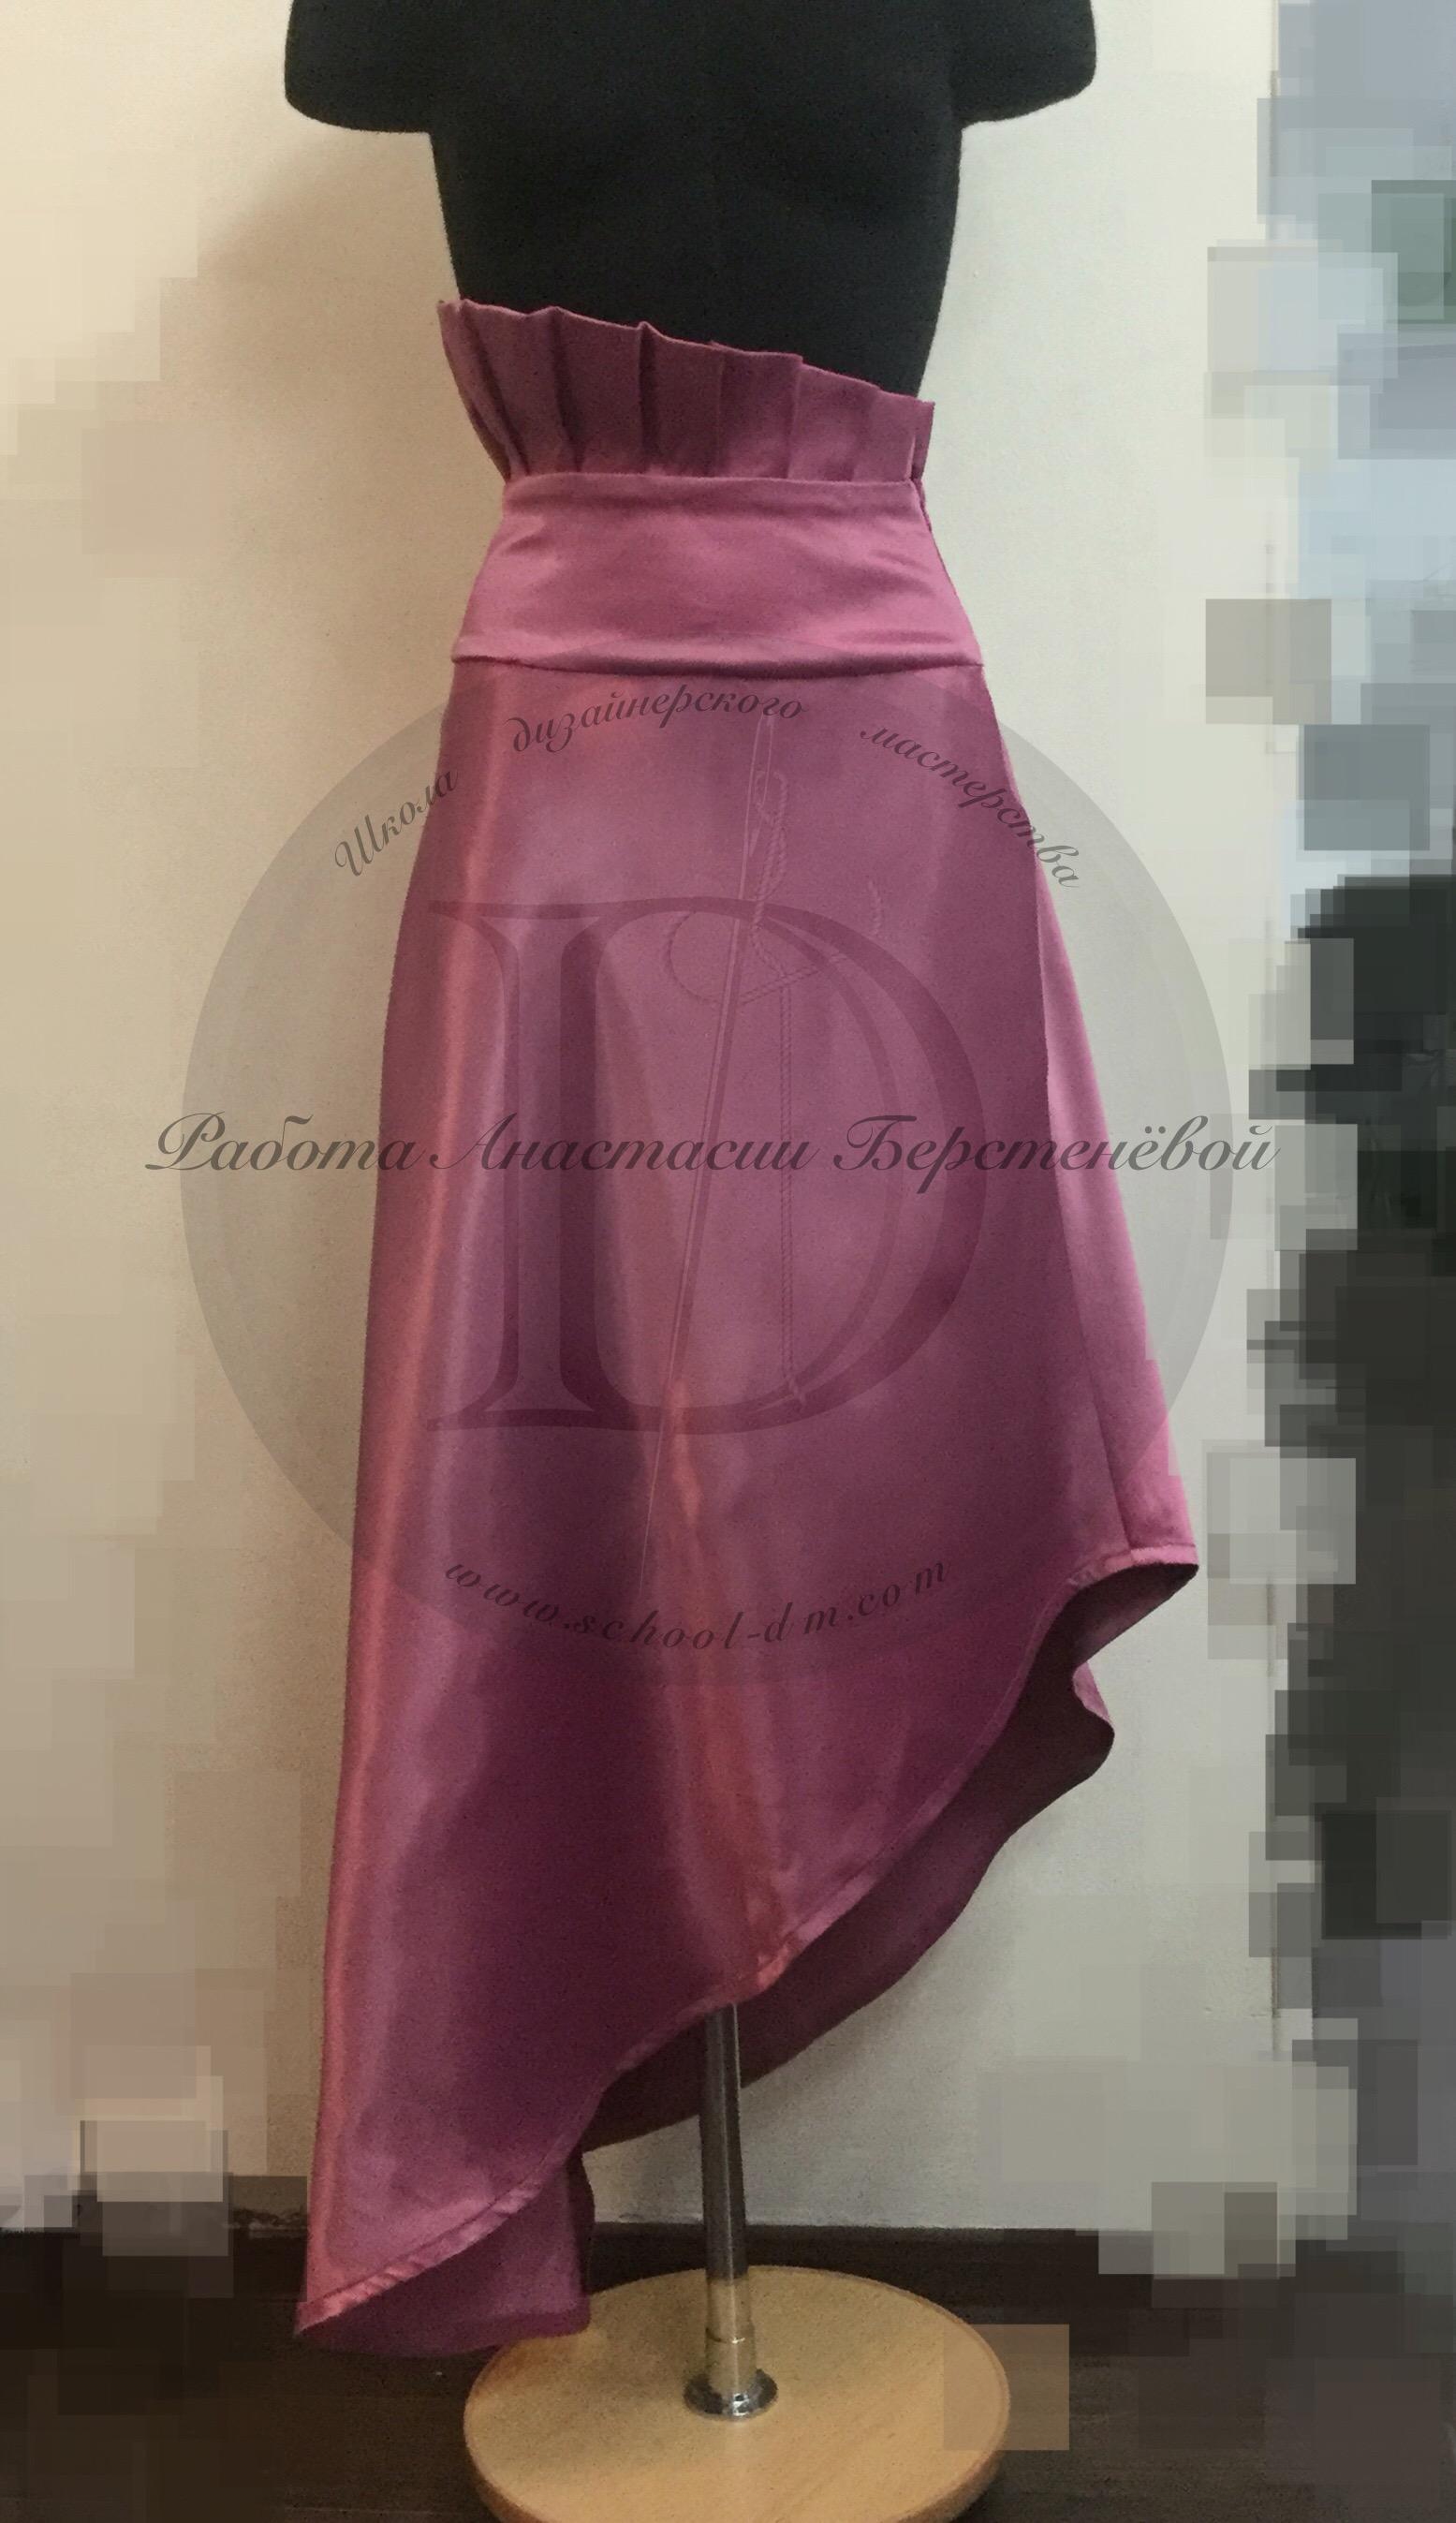 Школа дизайнерского мастерства, курсы кройки и шитья, шить юбку, юбка из атласа